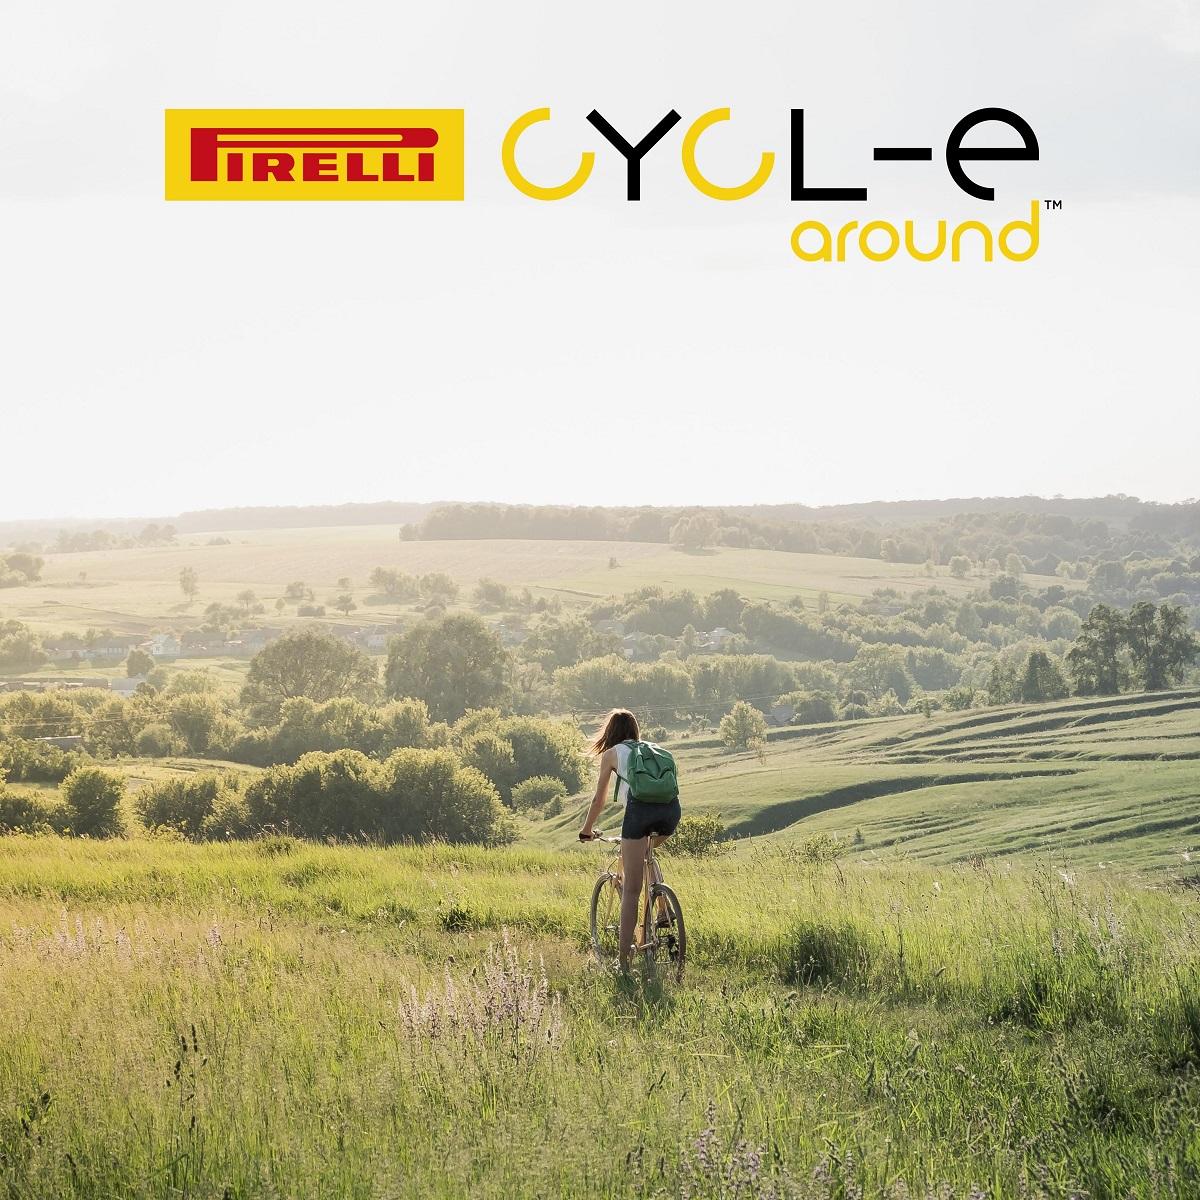 Pirelli cycle-e around